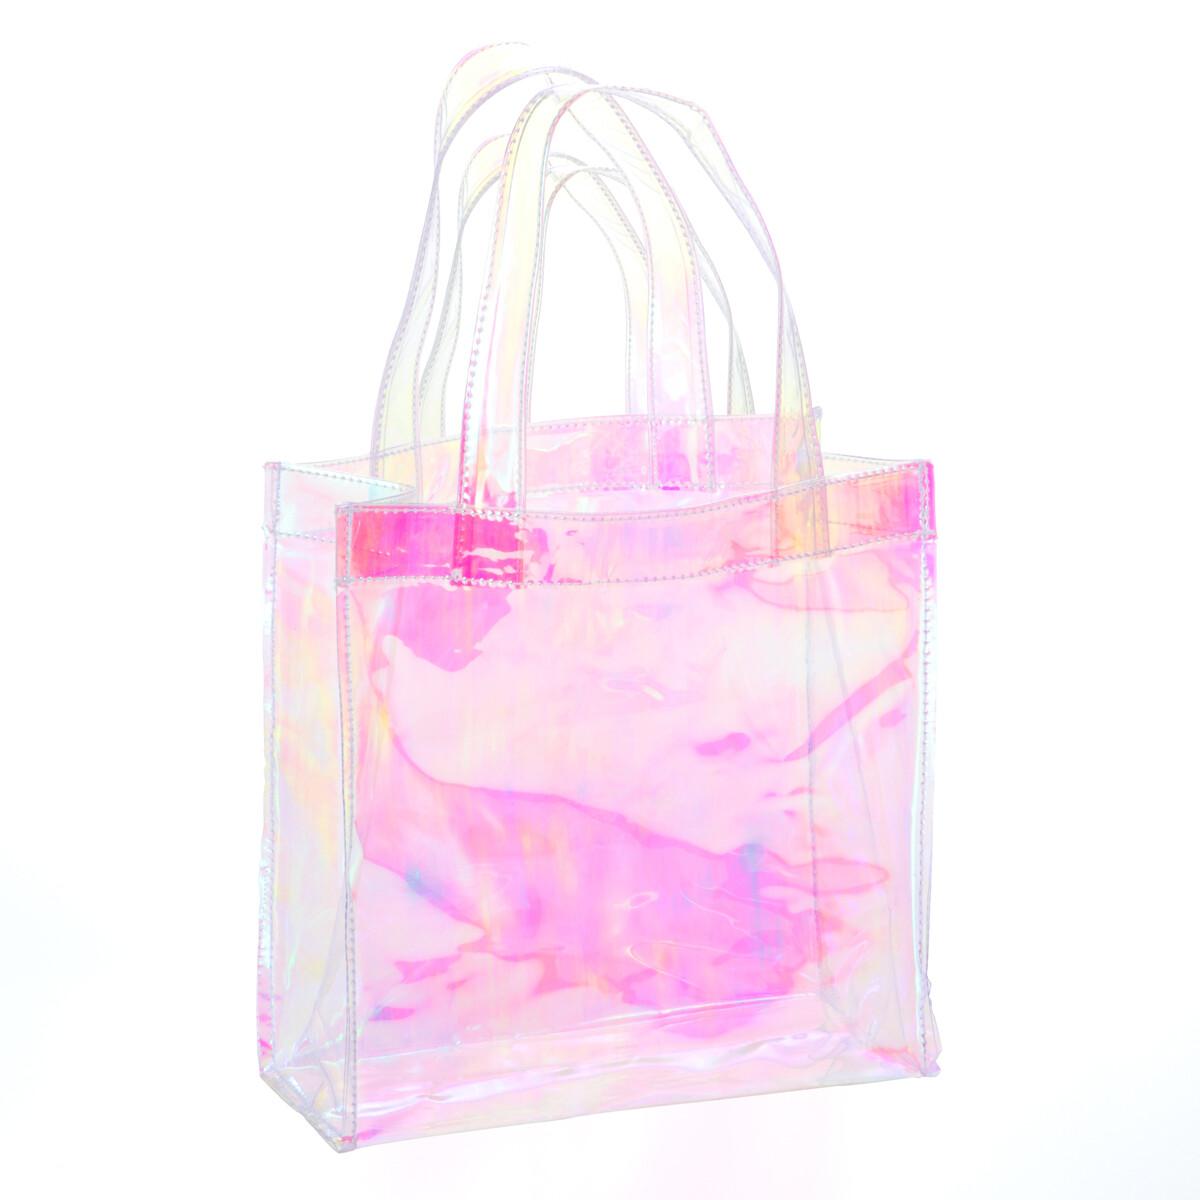 ミラースモーク 透明バッグ SK-2323 10枚セット【送料無料】(透明ビニールバッグ、プールバック、ショルダーバッグ、トートバッグ、手提げカバン、かばん、鞄)